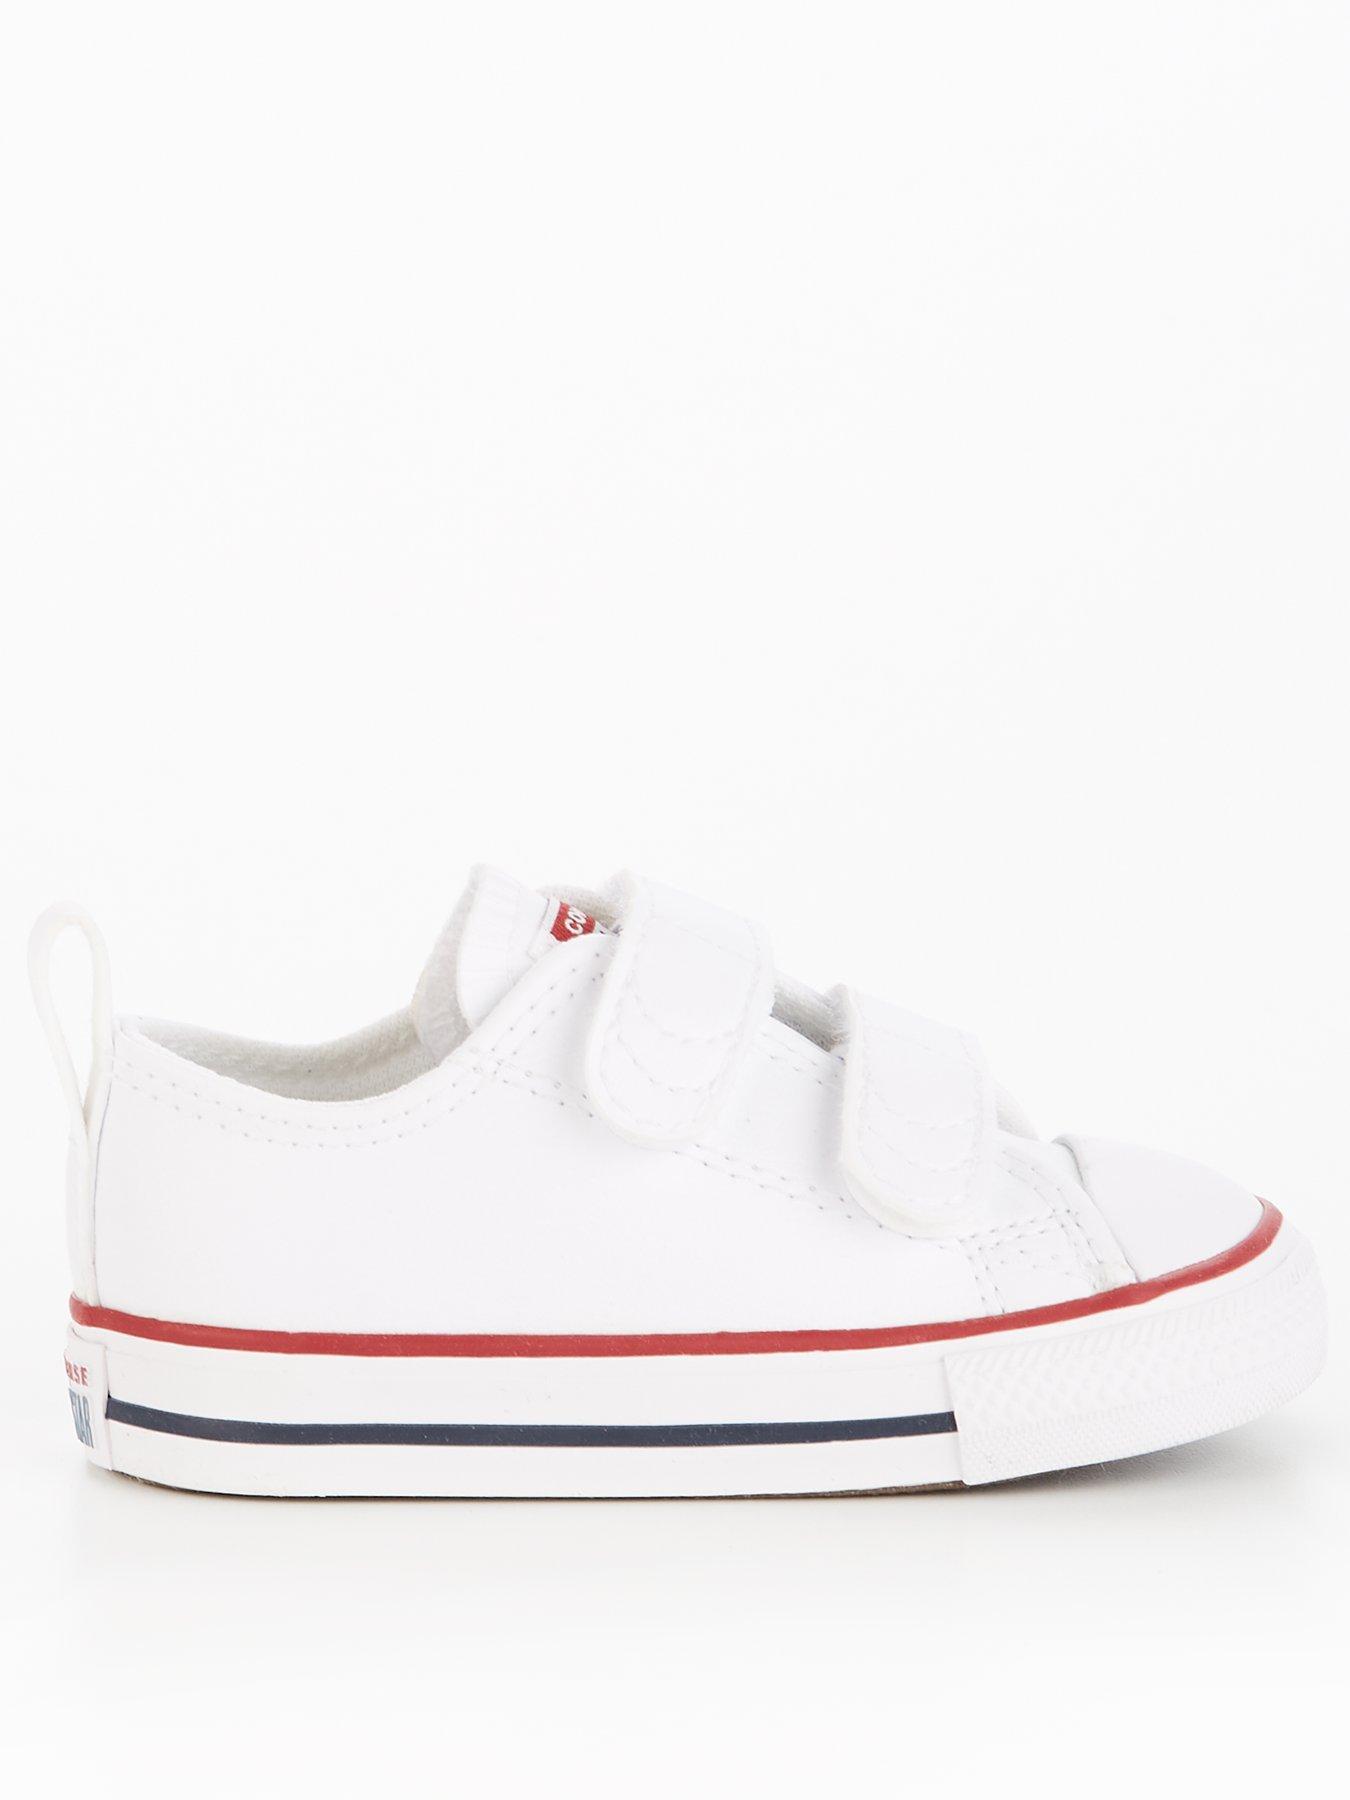 Converse | Kids footwear (sizes 10-2